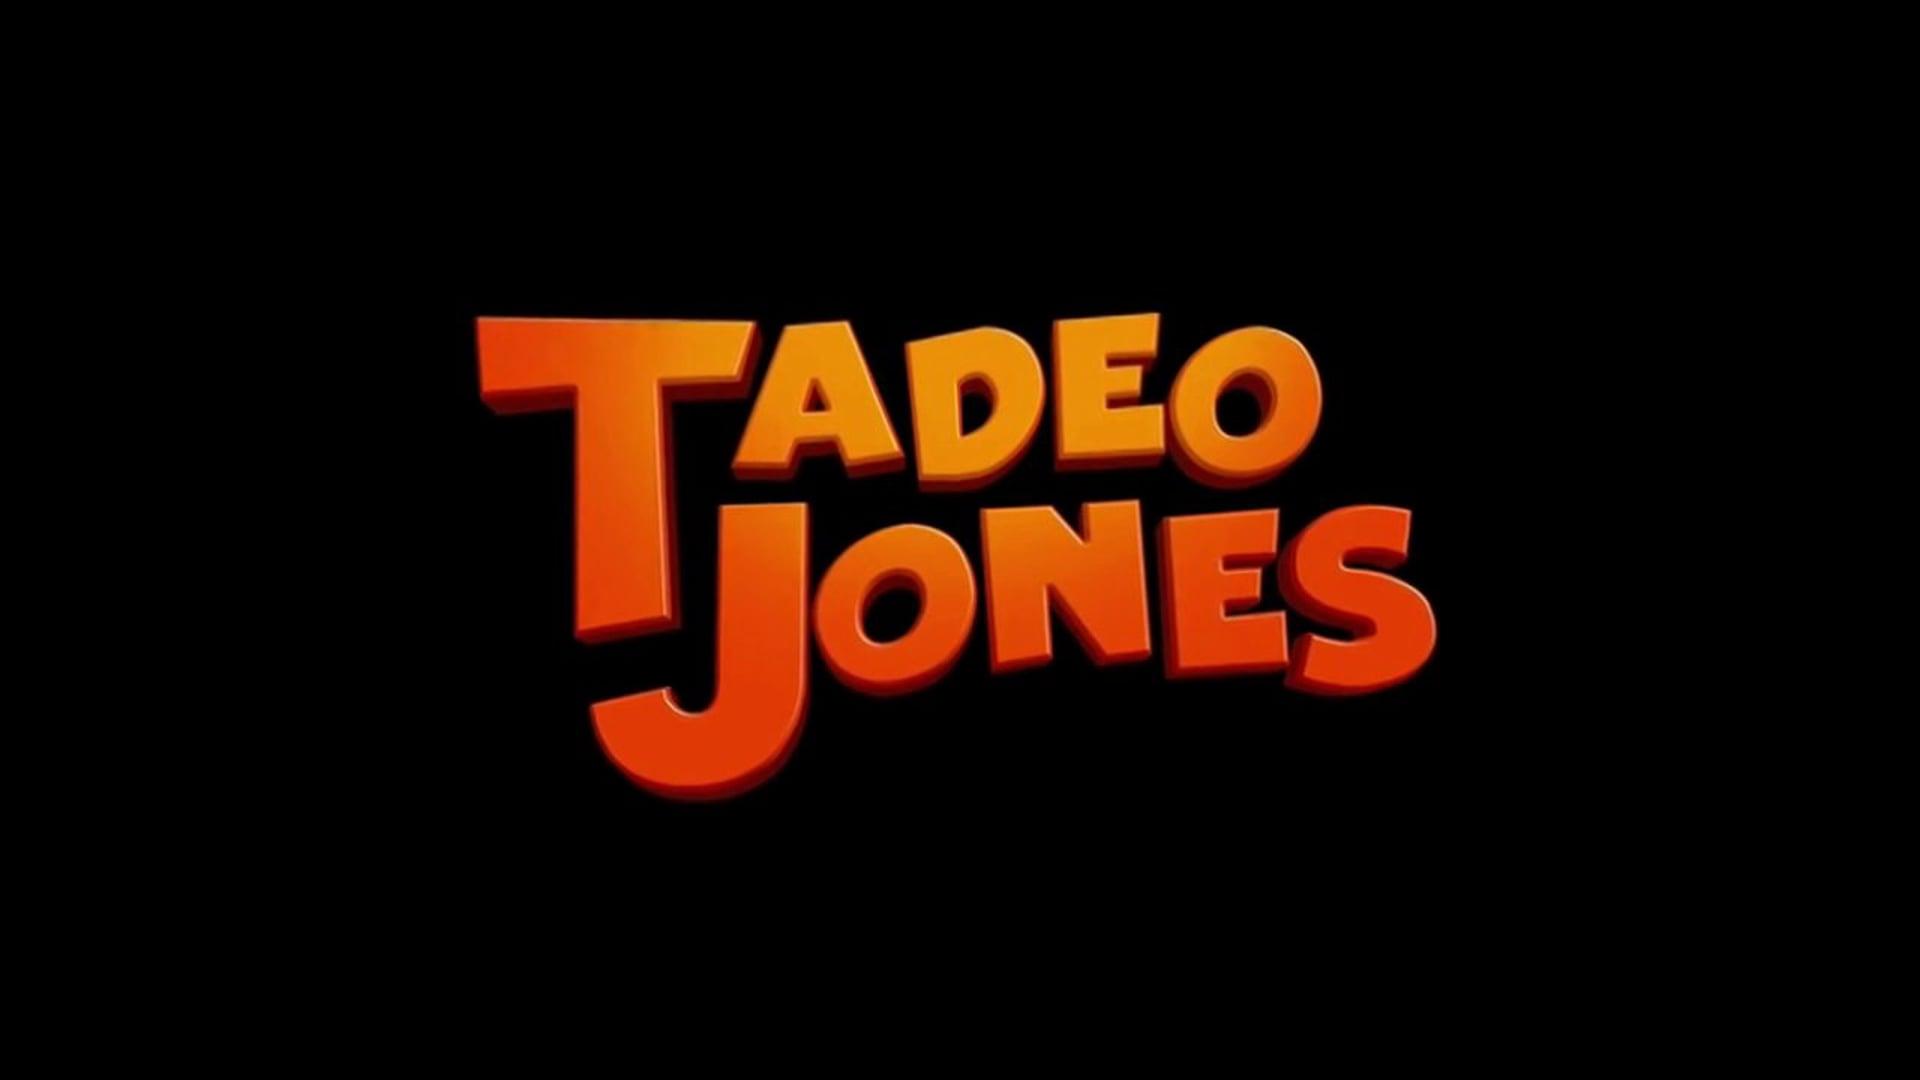 The adventures of Tadeo Jones | Game